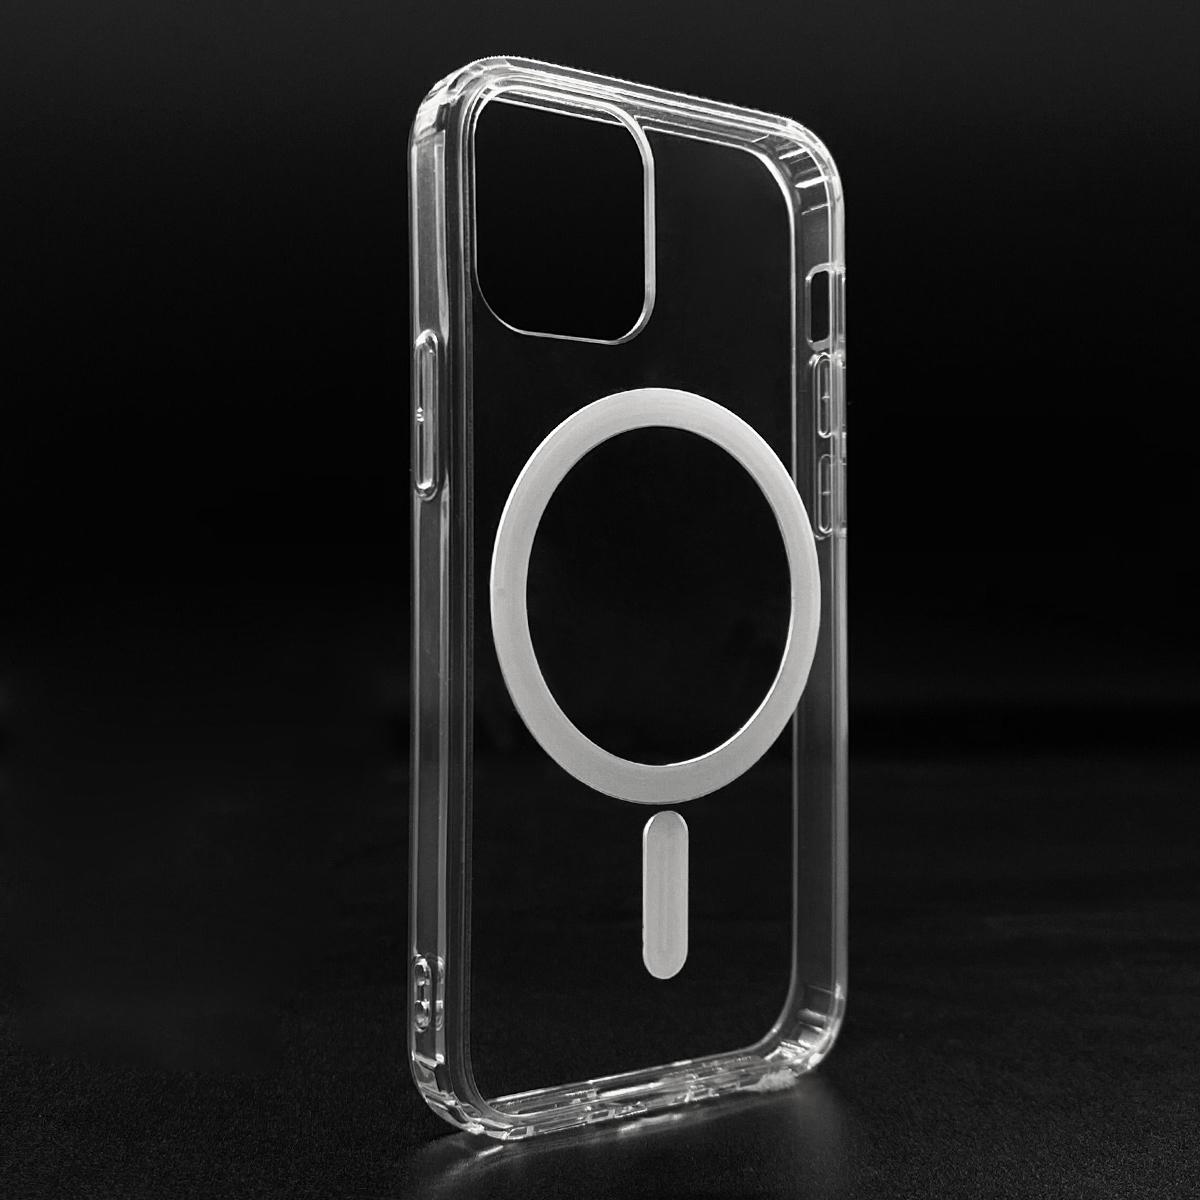 Горячая Распродажа прозрачный ТПУ ПК прозрачный магнитный беспроводной зарядный чехол для телефона для iPhone 12 Pro Max